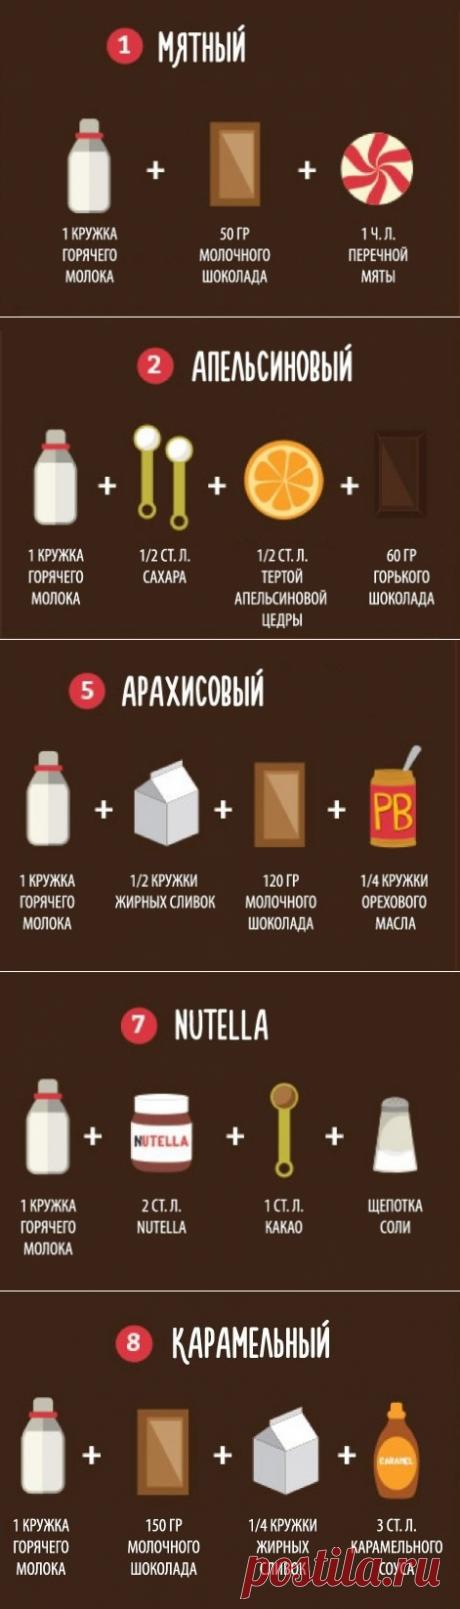 9 способов приготовить вкусный горячий шоколад